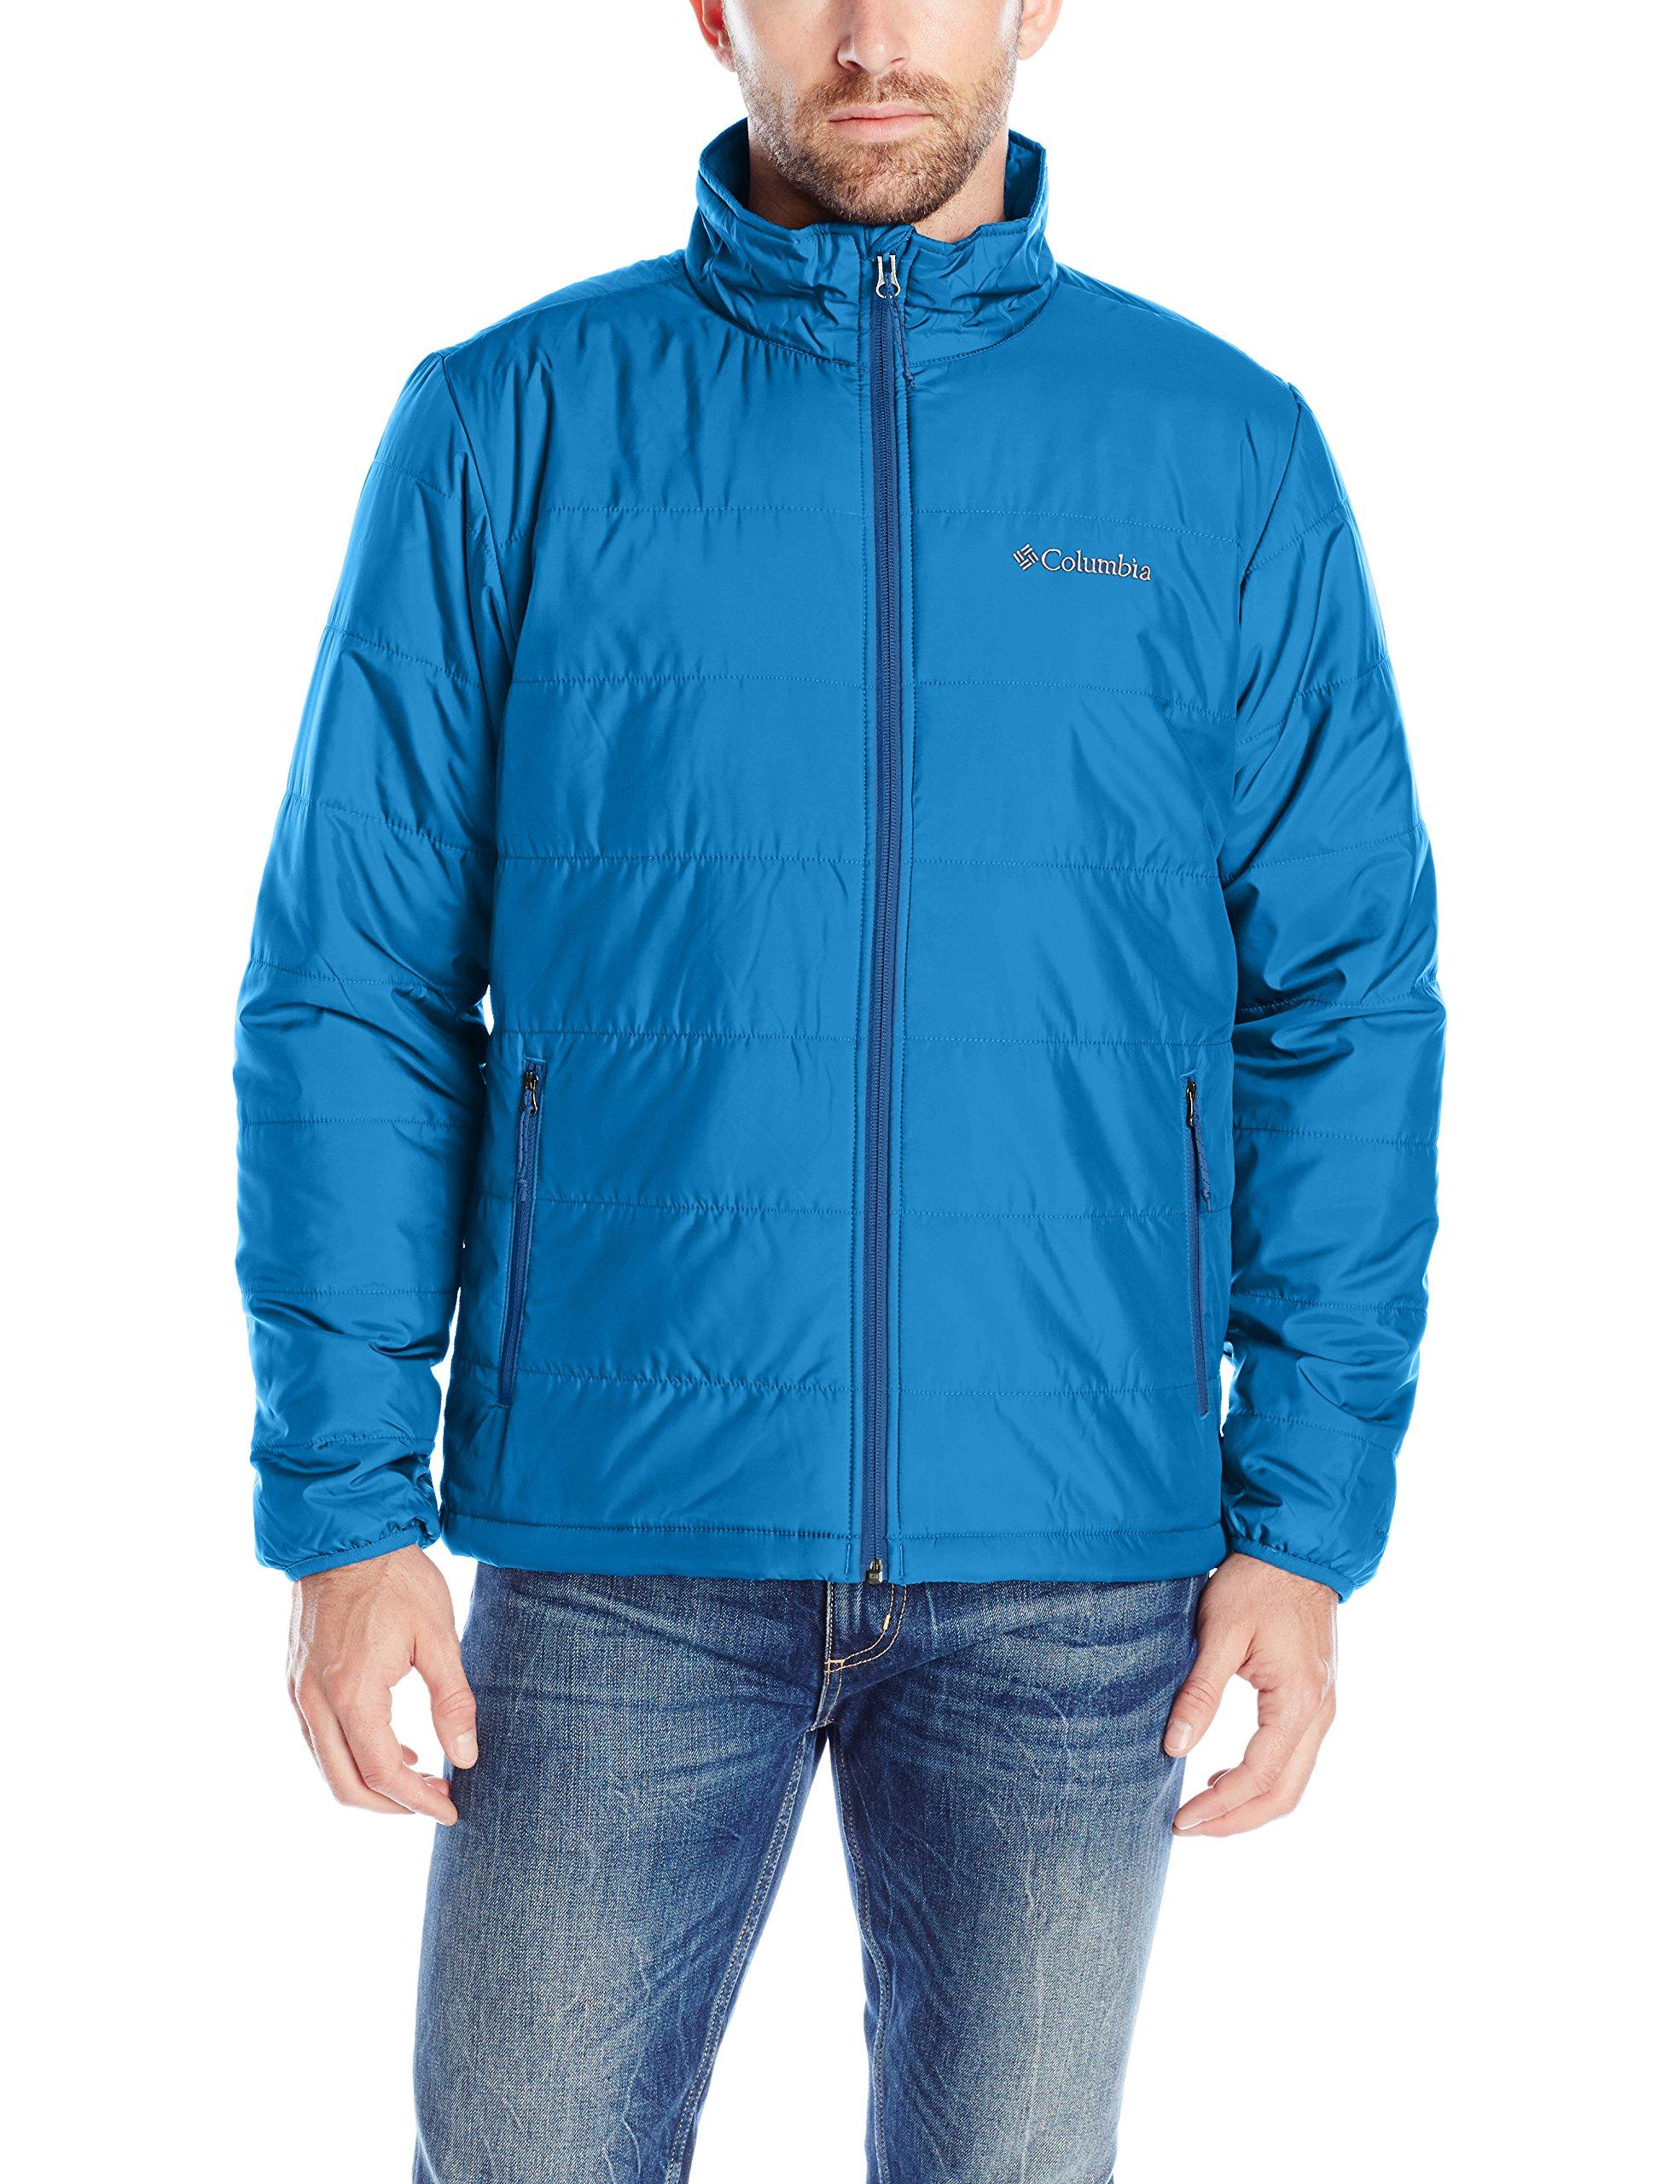 Columbia Men's Saddle Chutes Jacket, Marine Blue, XX-Large